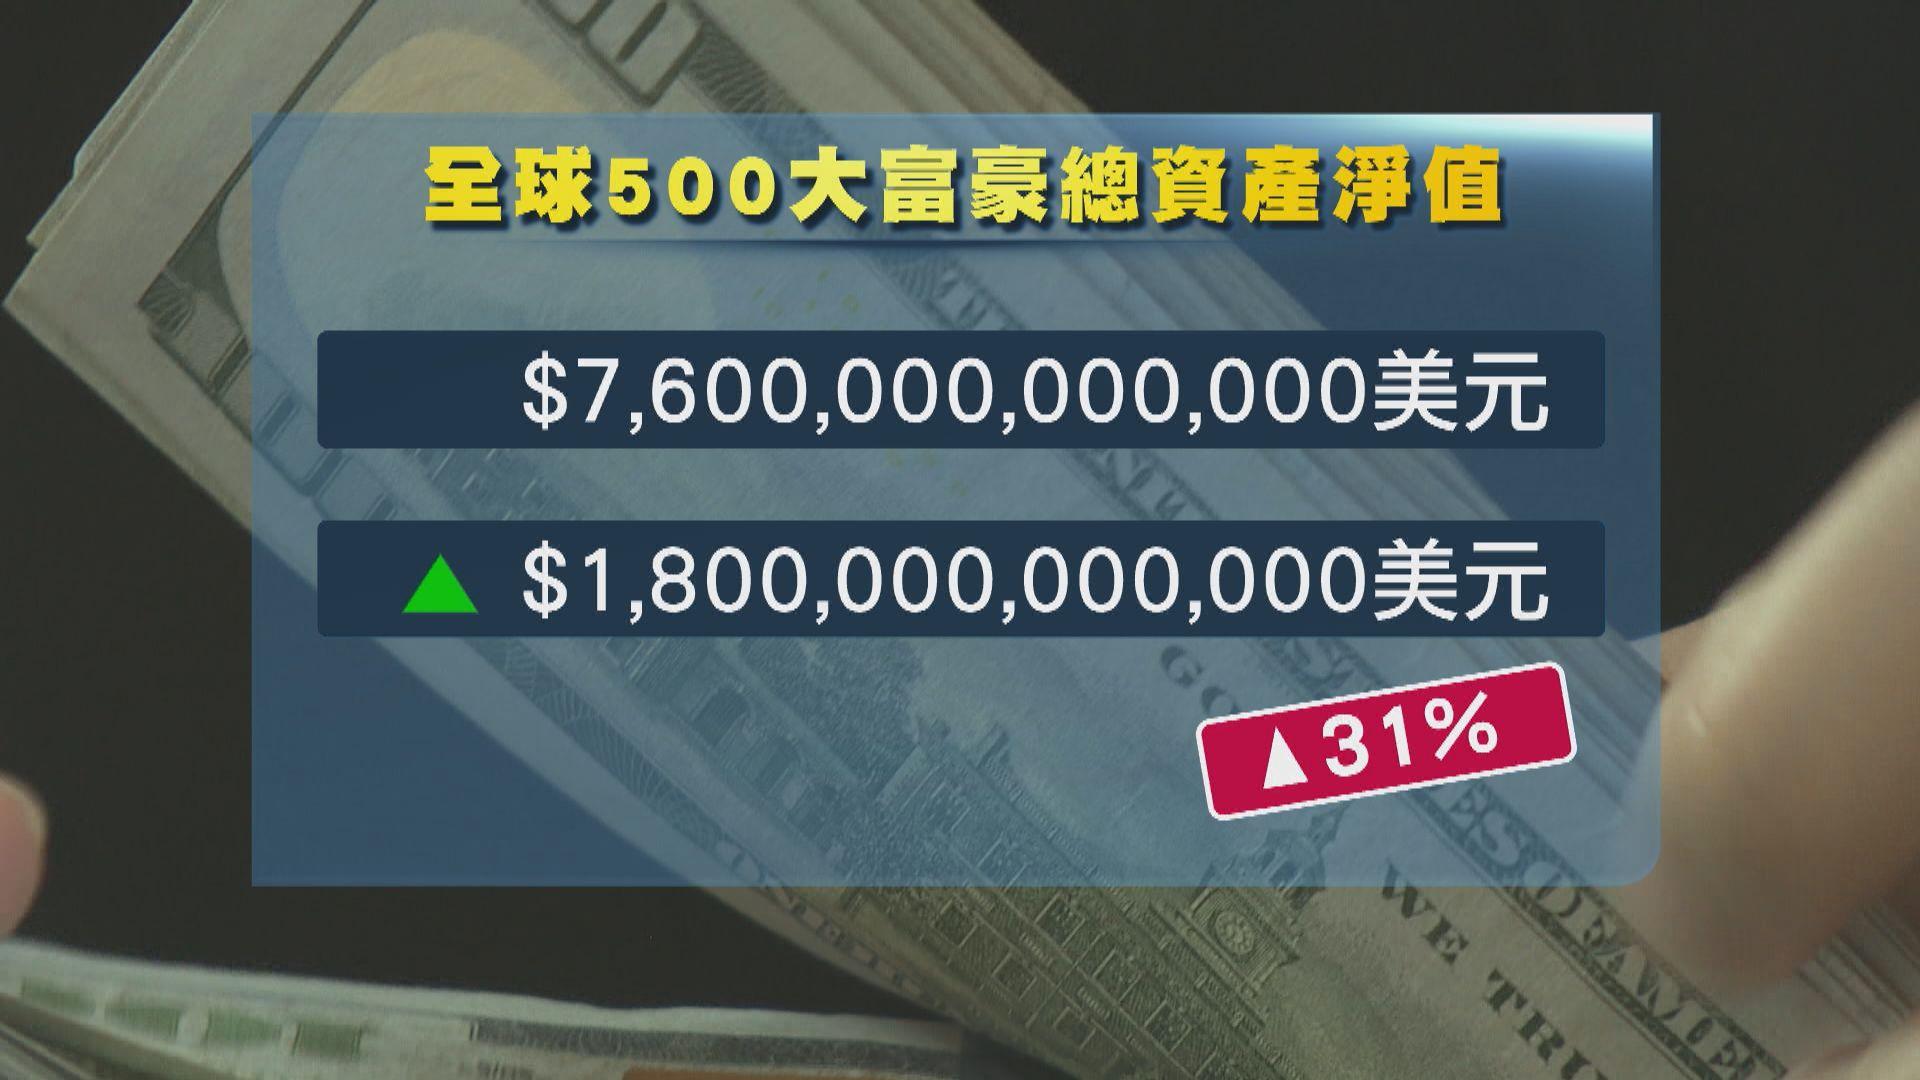 全球500大富豪去年財富漲1.8萬億美元 農夫山泉董事長鍾睒睒膺亞洲首富